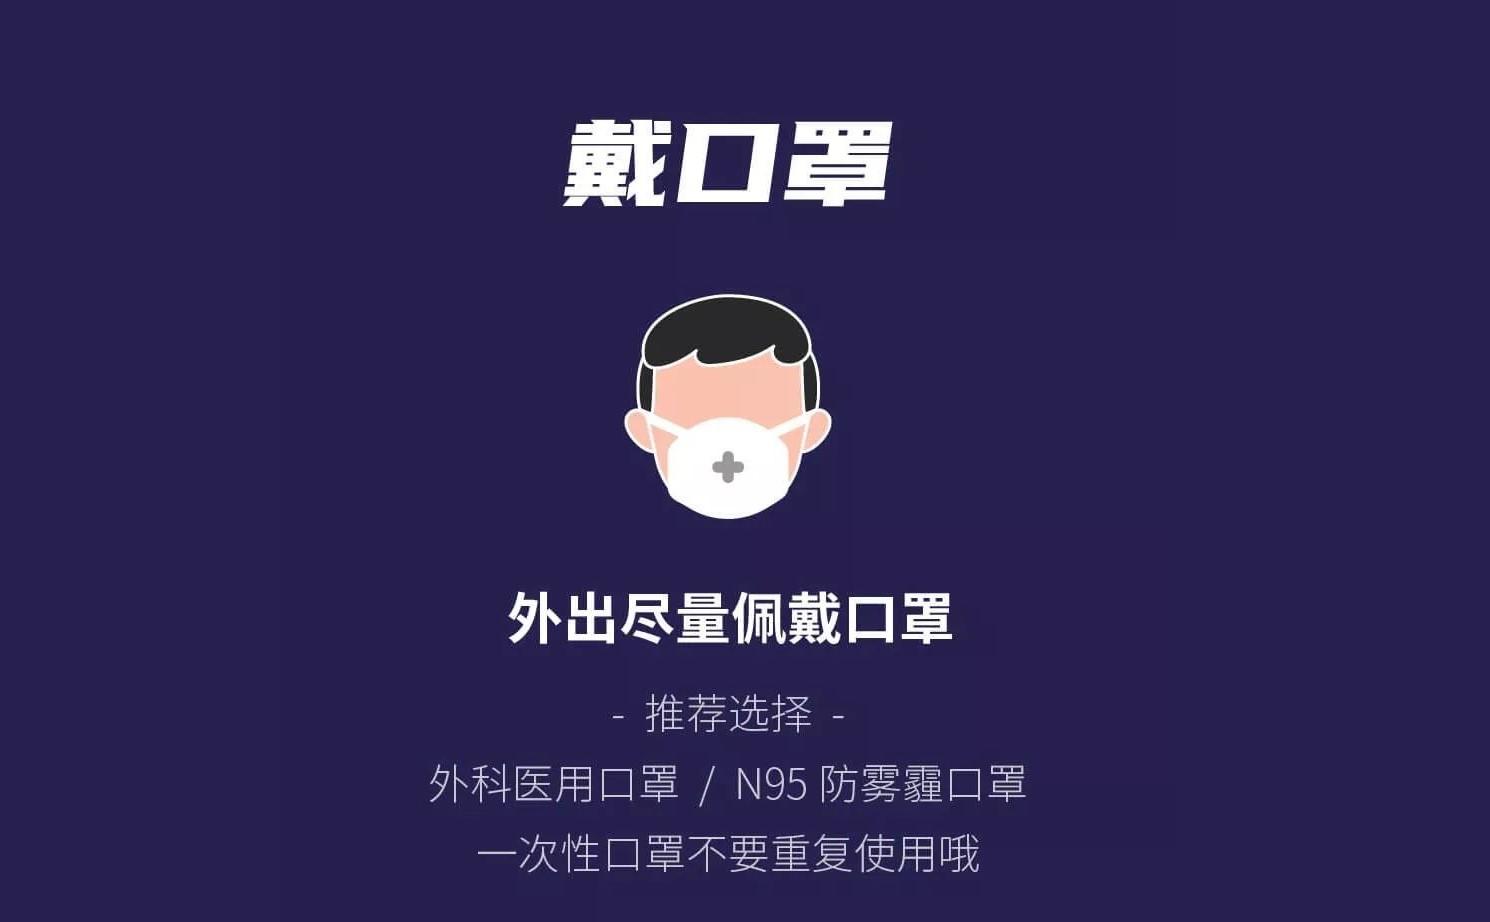 防病毒口罩推薦:防毒面具vs口罩【新冠病毒來襲】 « 美國生活指南